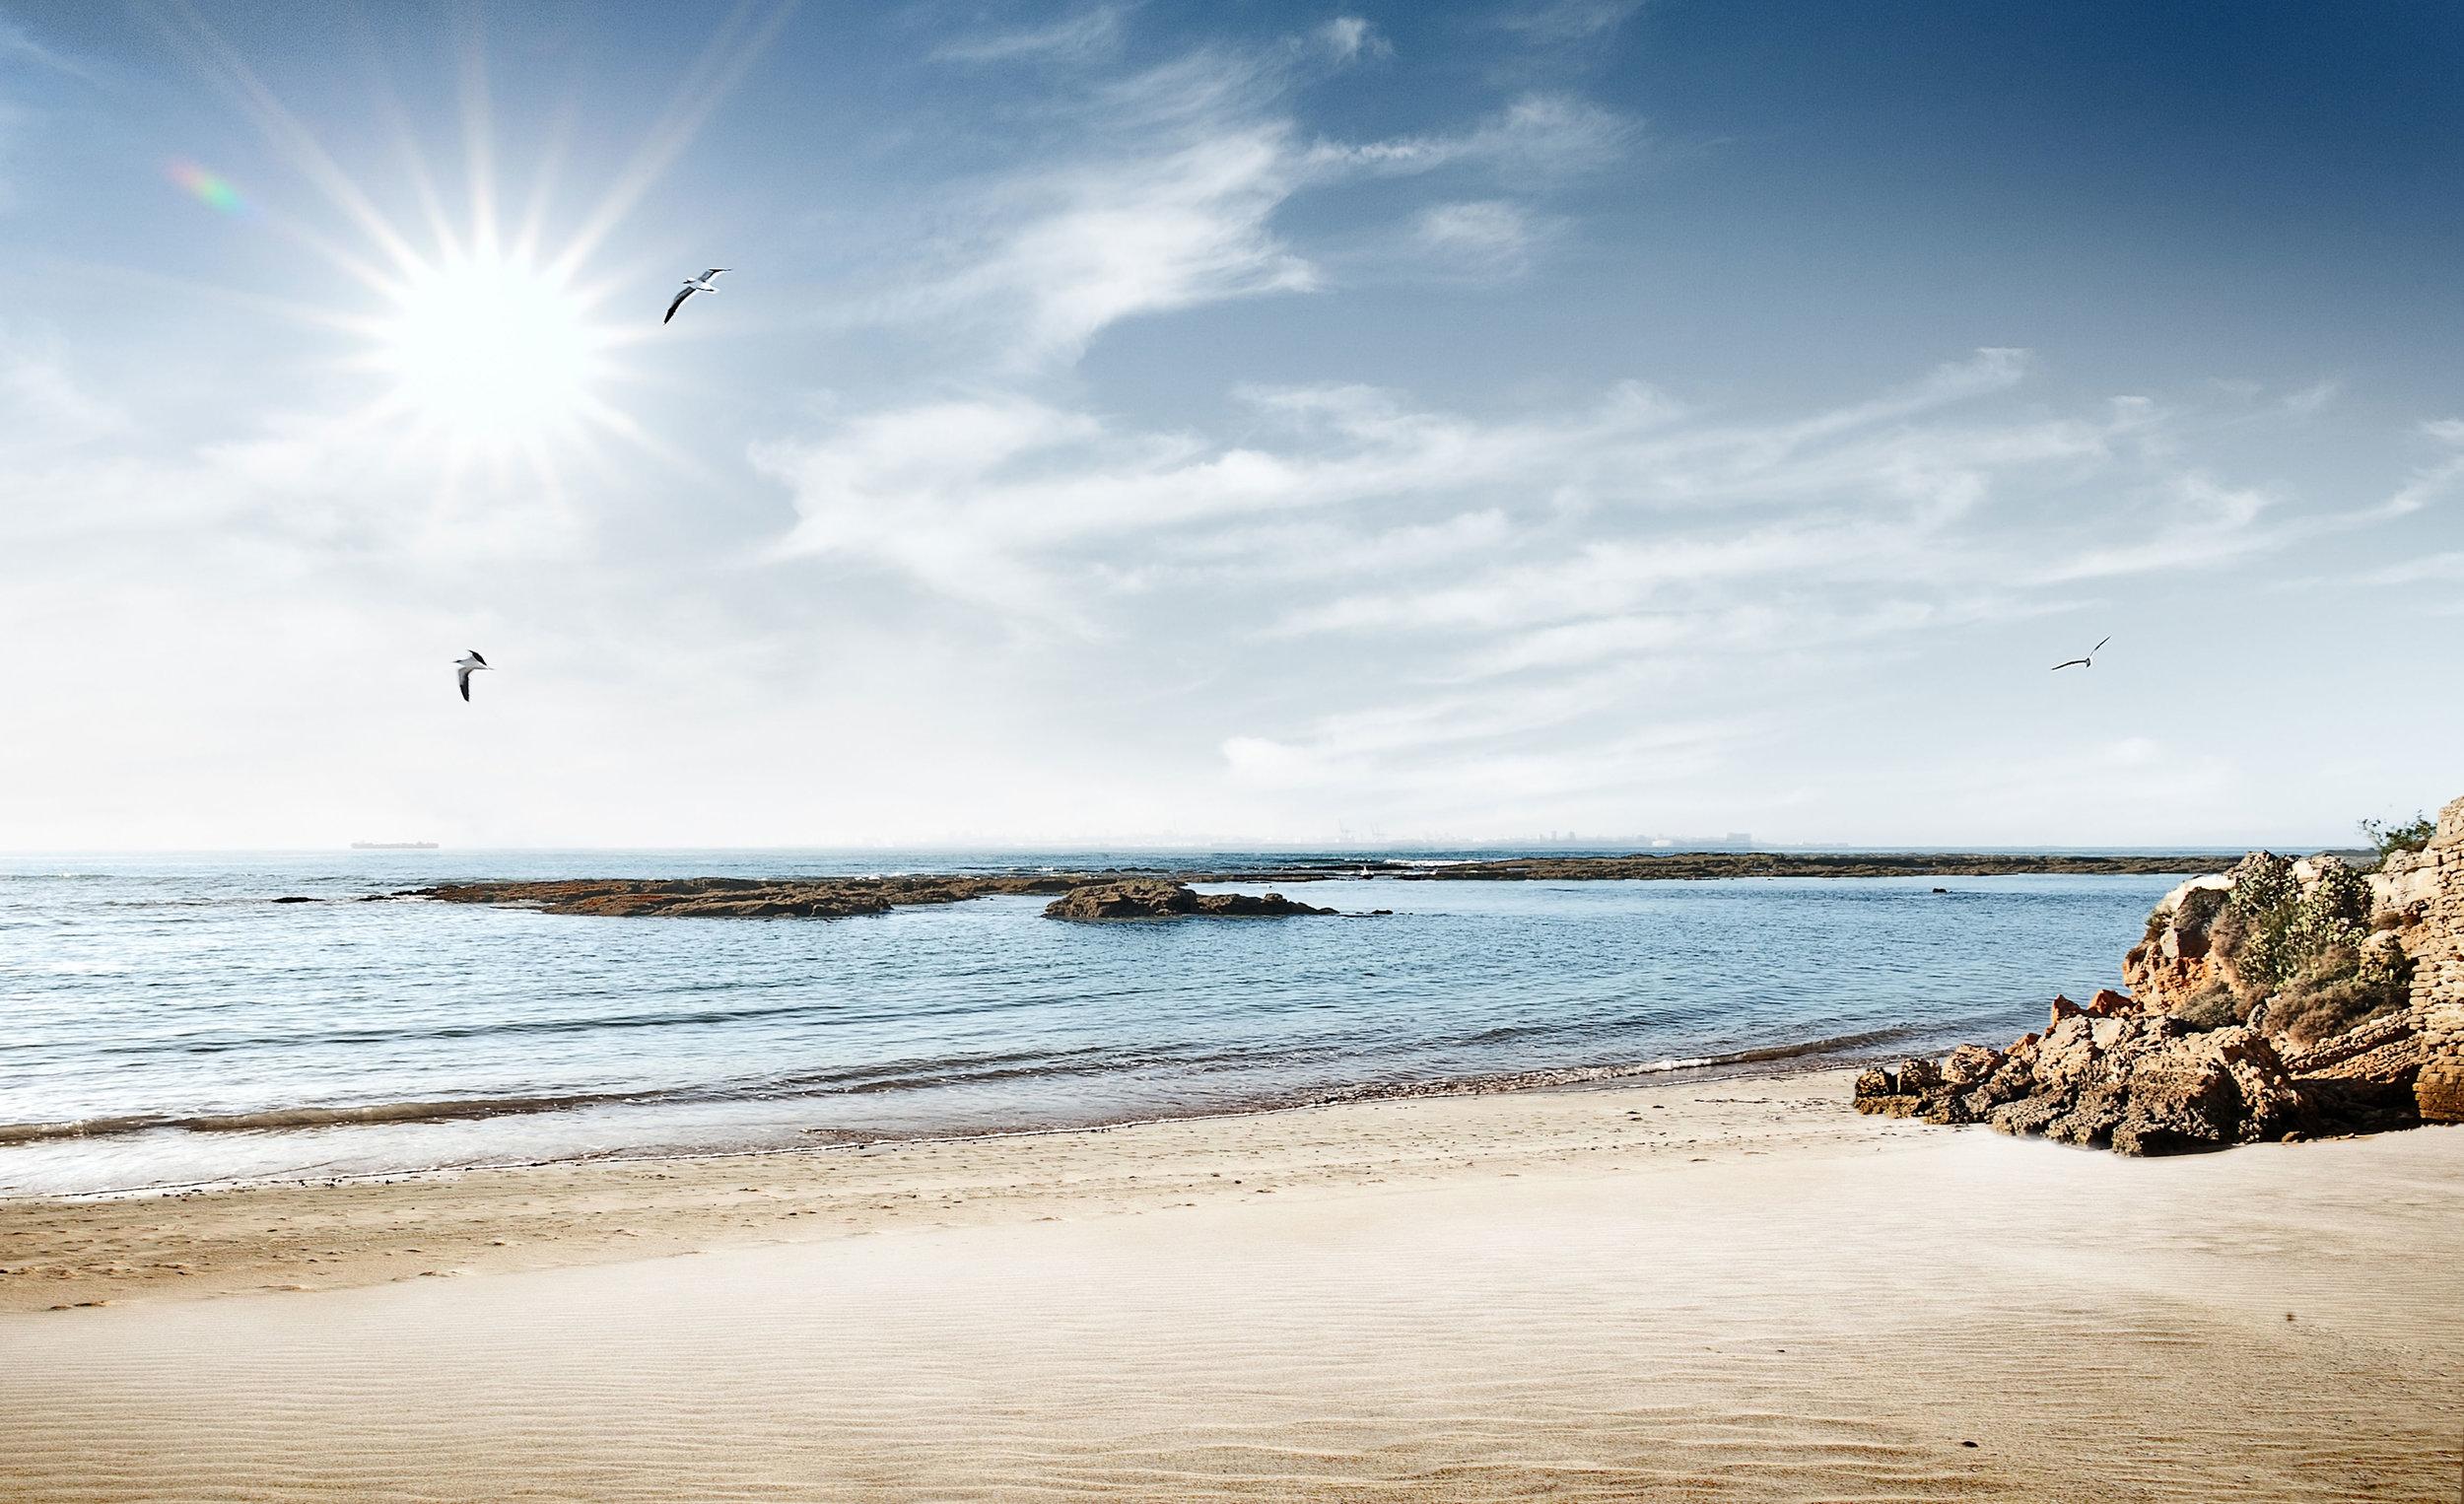 Playa-6-El-Puerto-de-Santa-Maria.jpg